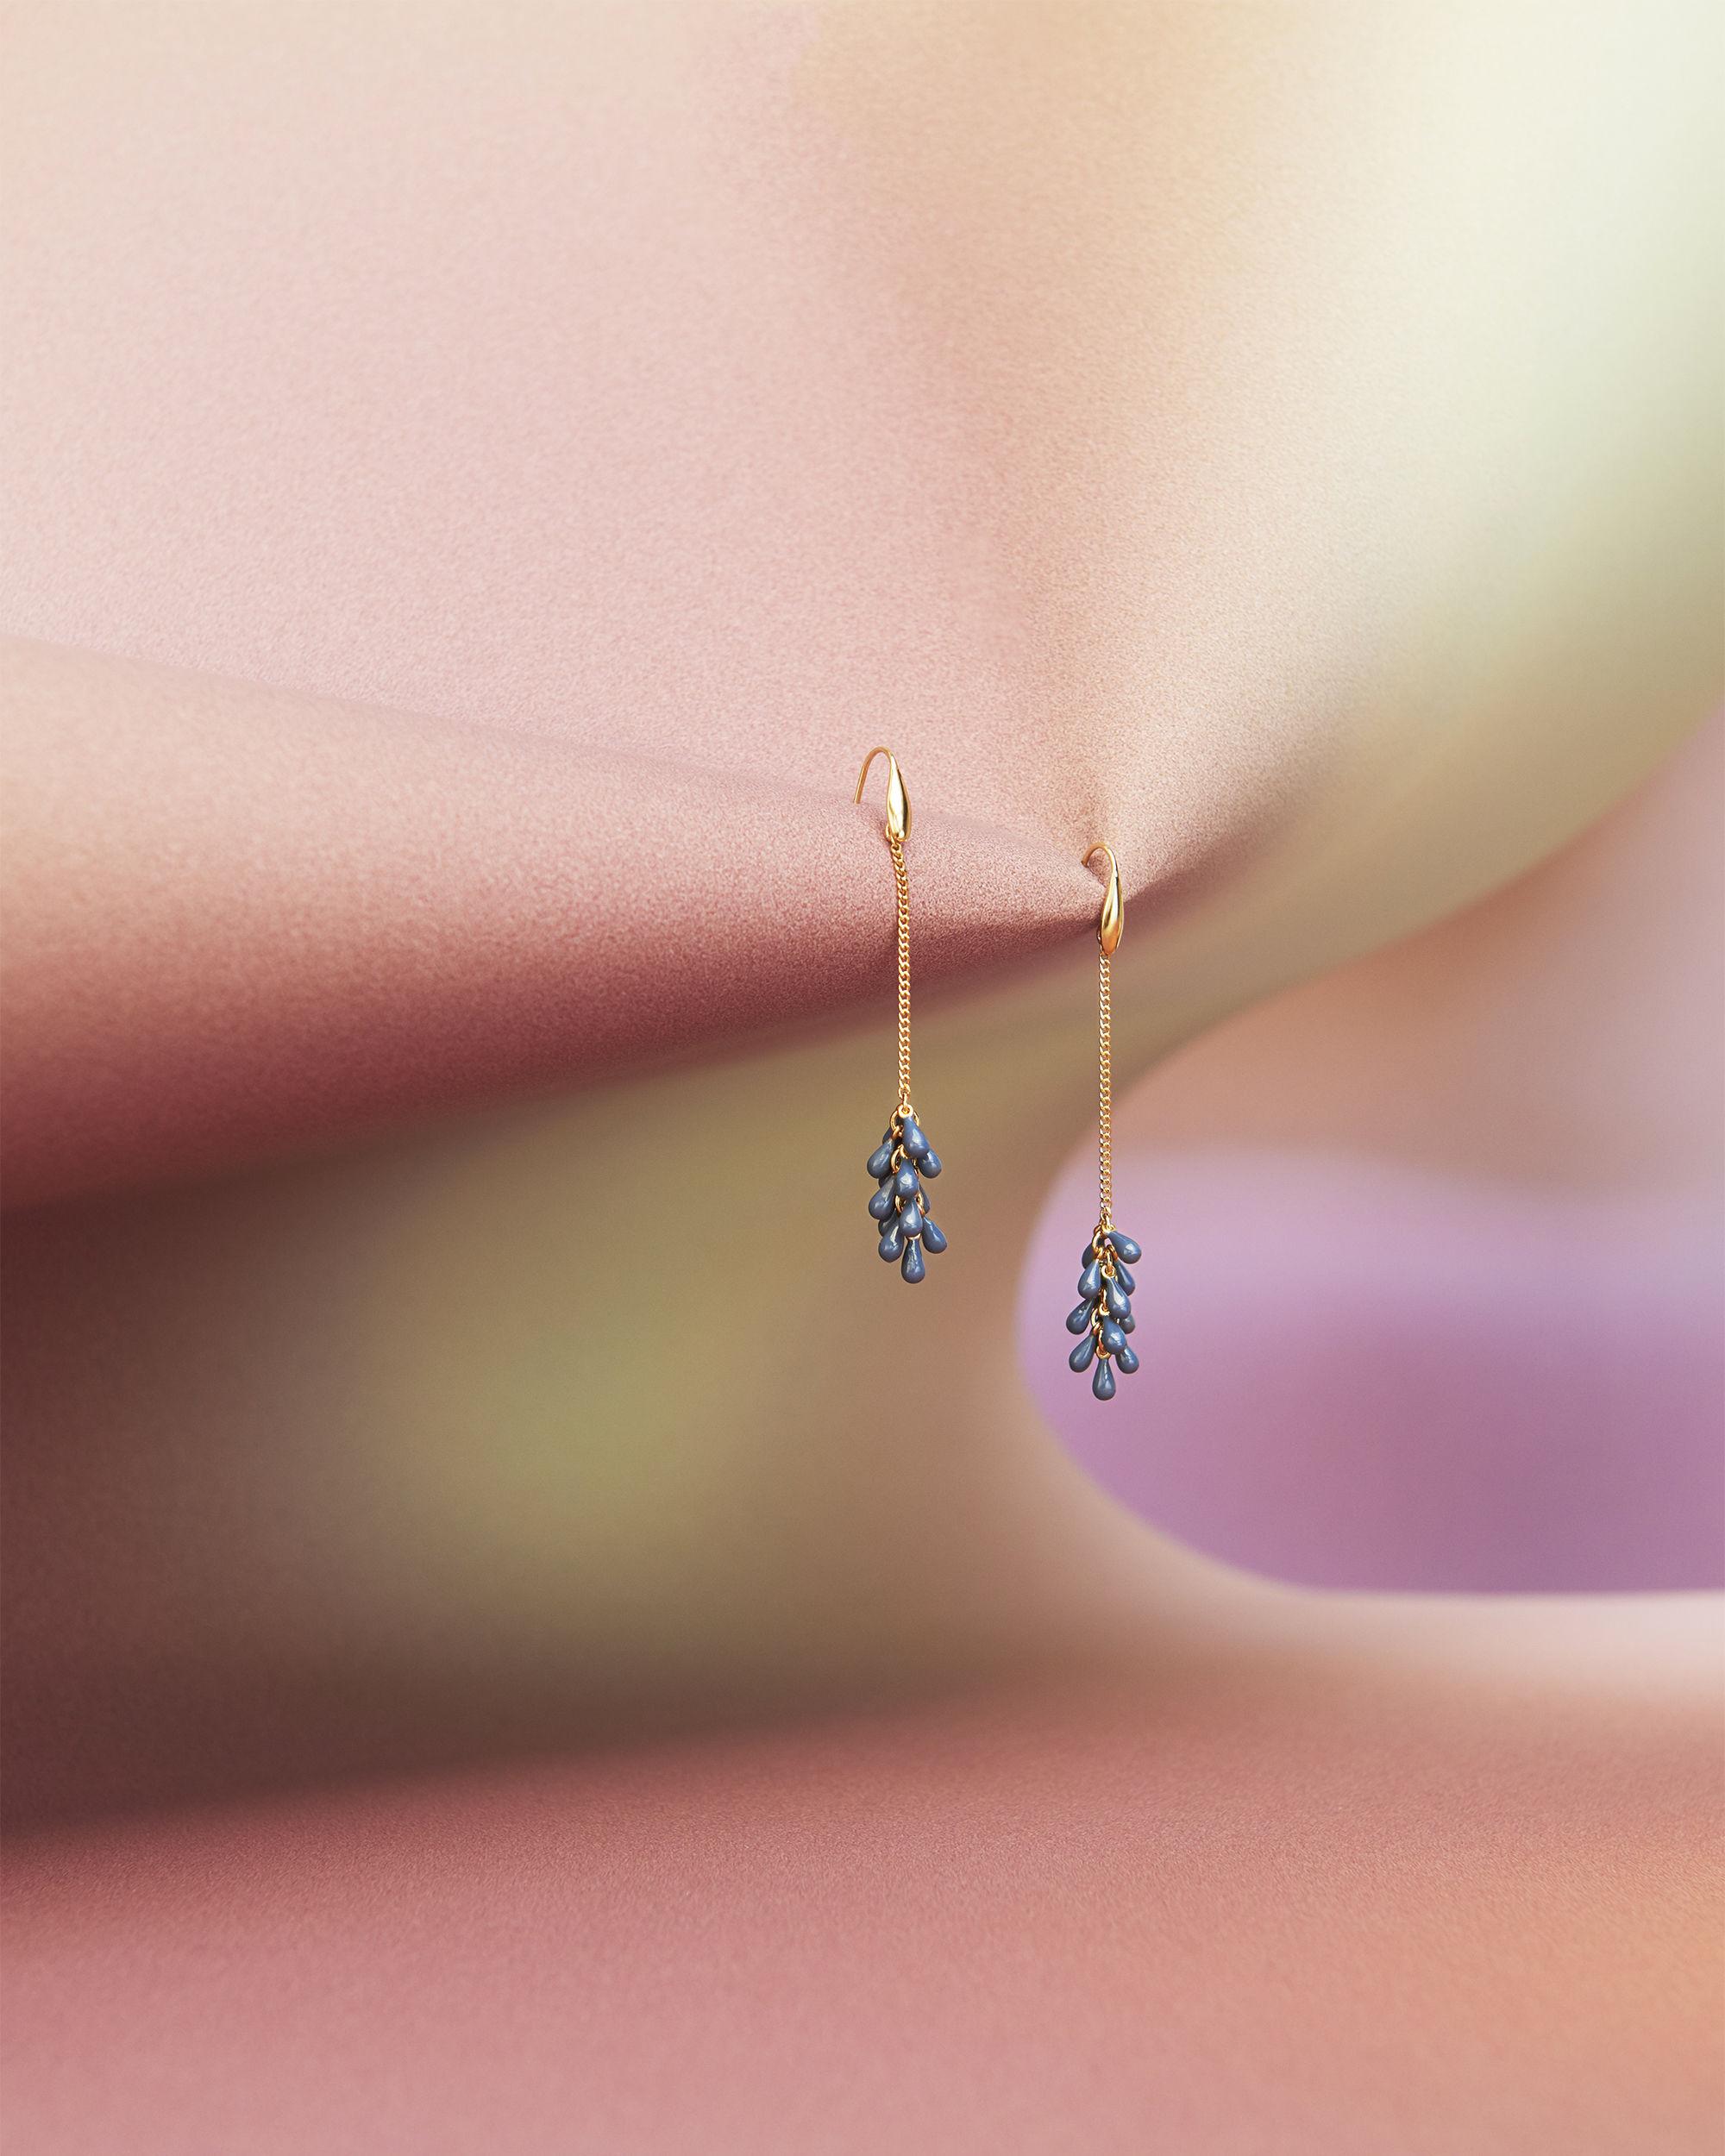 N'GIRI earrings